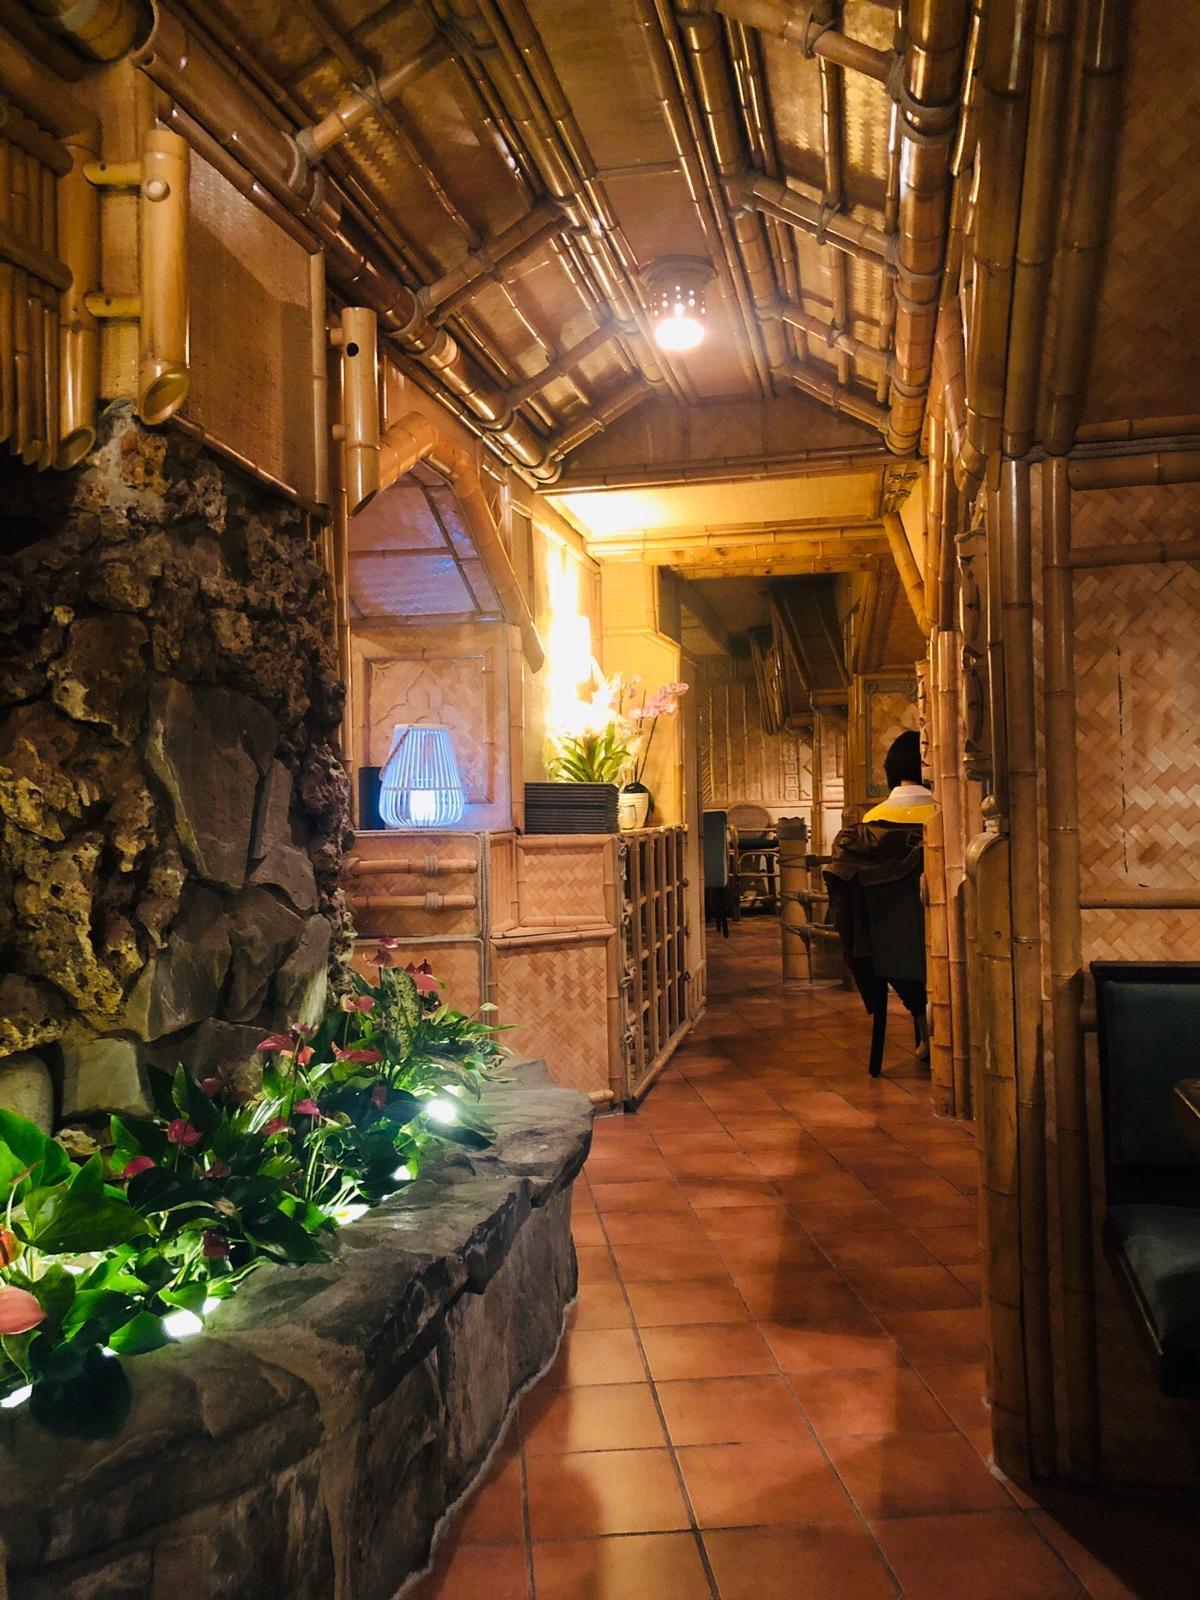 khon-thai-restaurant-ambiente-brunnen-01